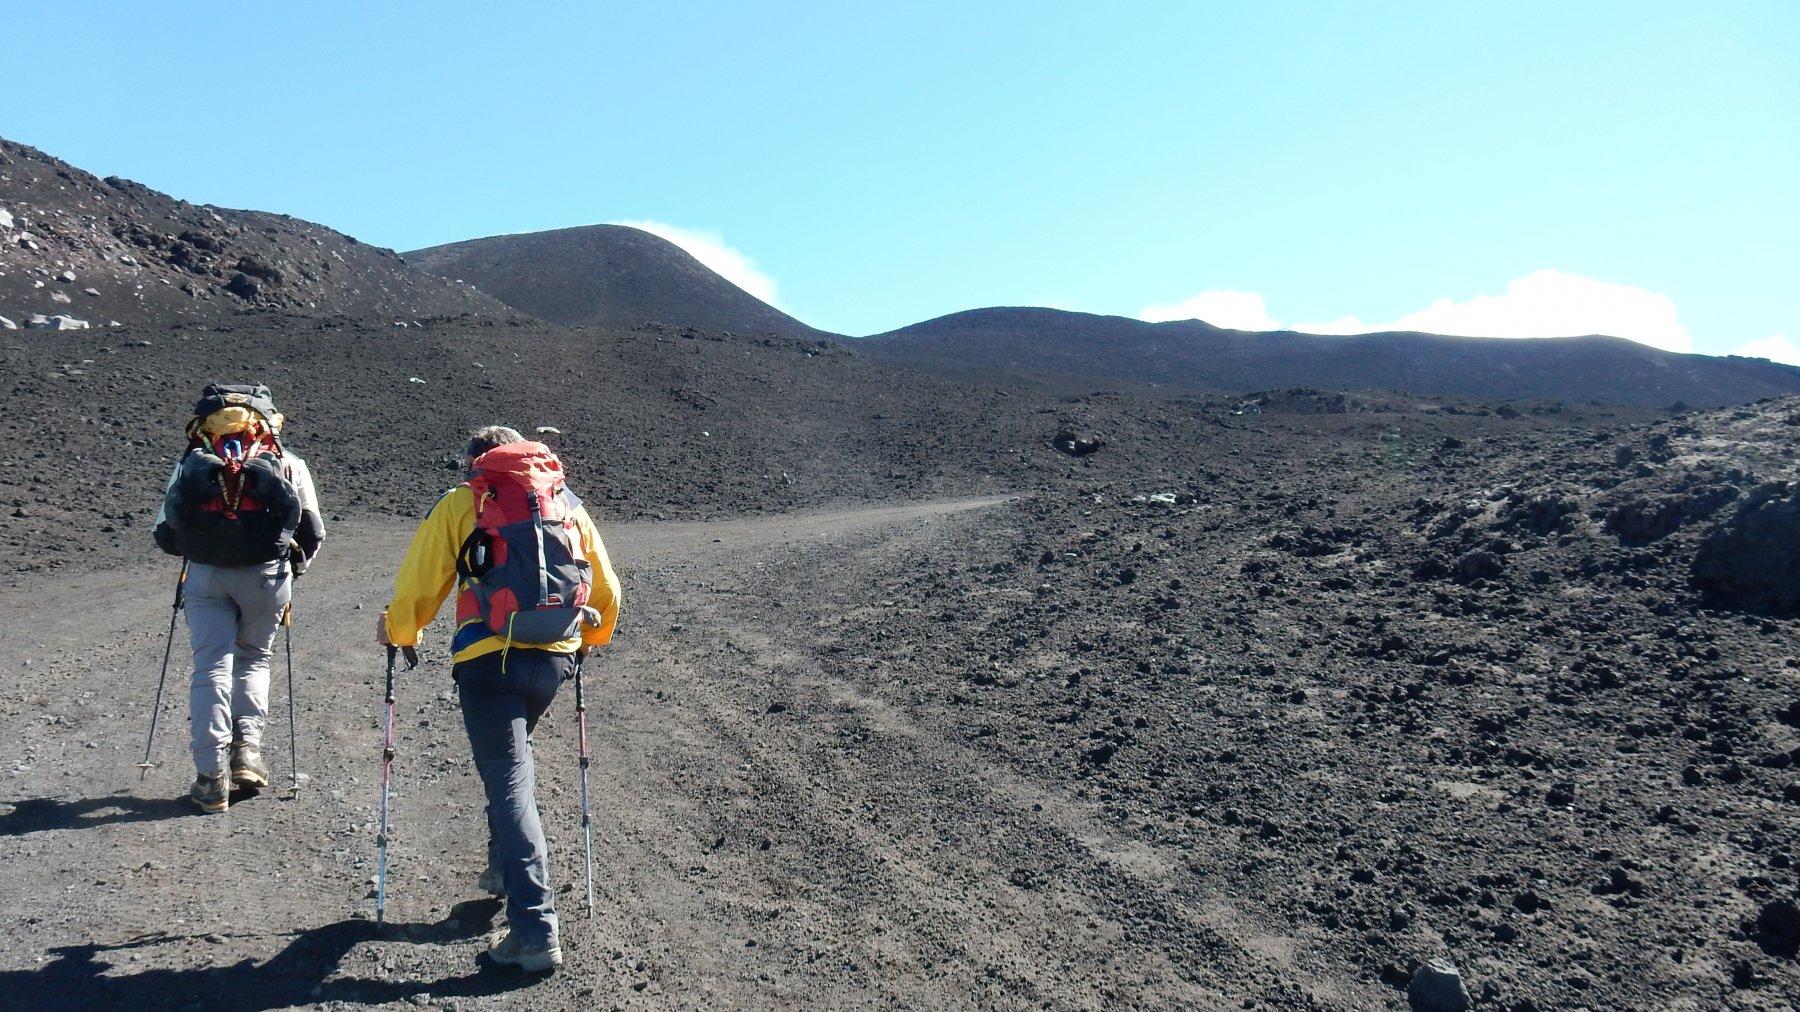 Saliamo verso il cratere sommitale.